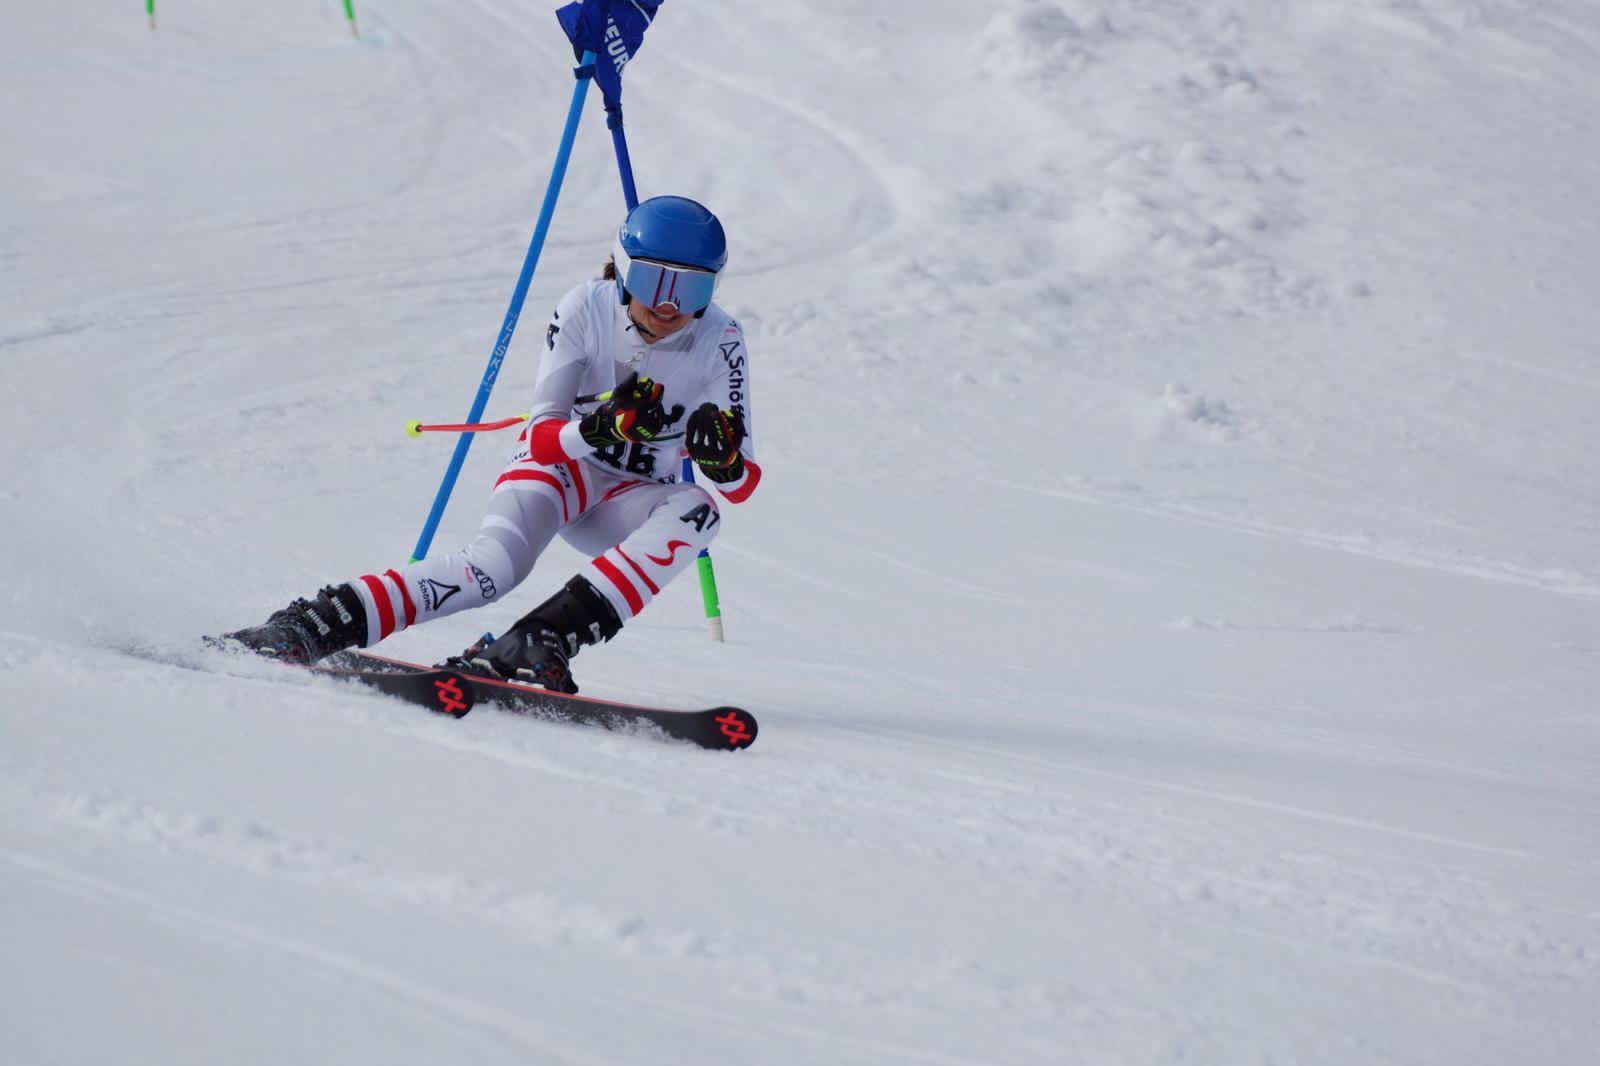 Neu! Ski Alpin beim SV Heimstetten e.V.